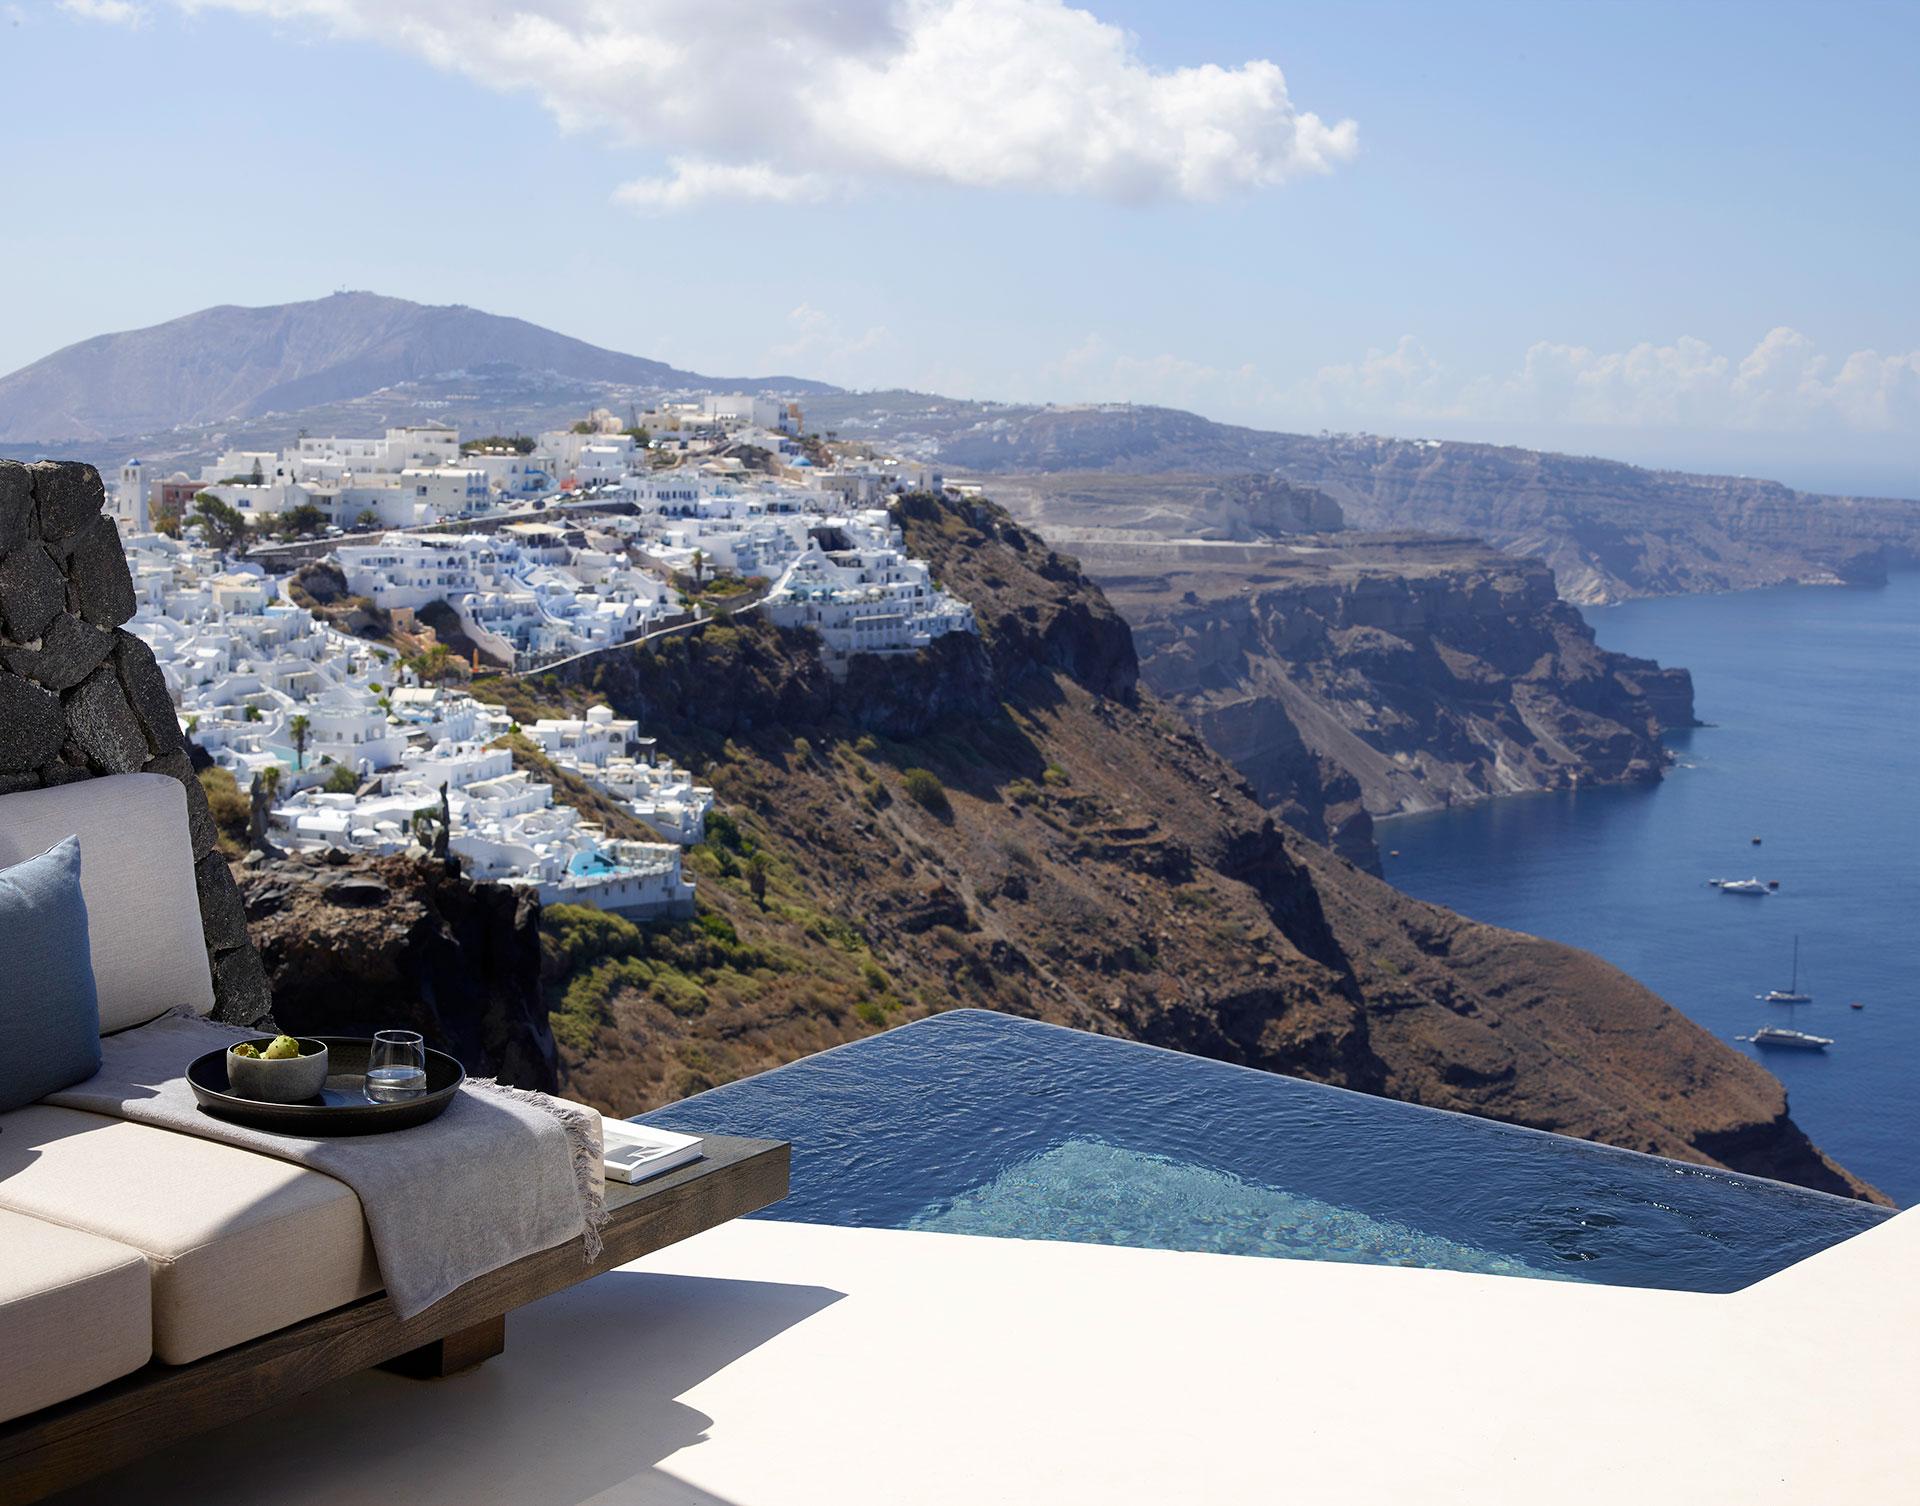 VORA Private Villas - boutique hotel in Santorini